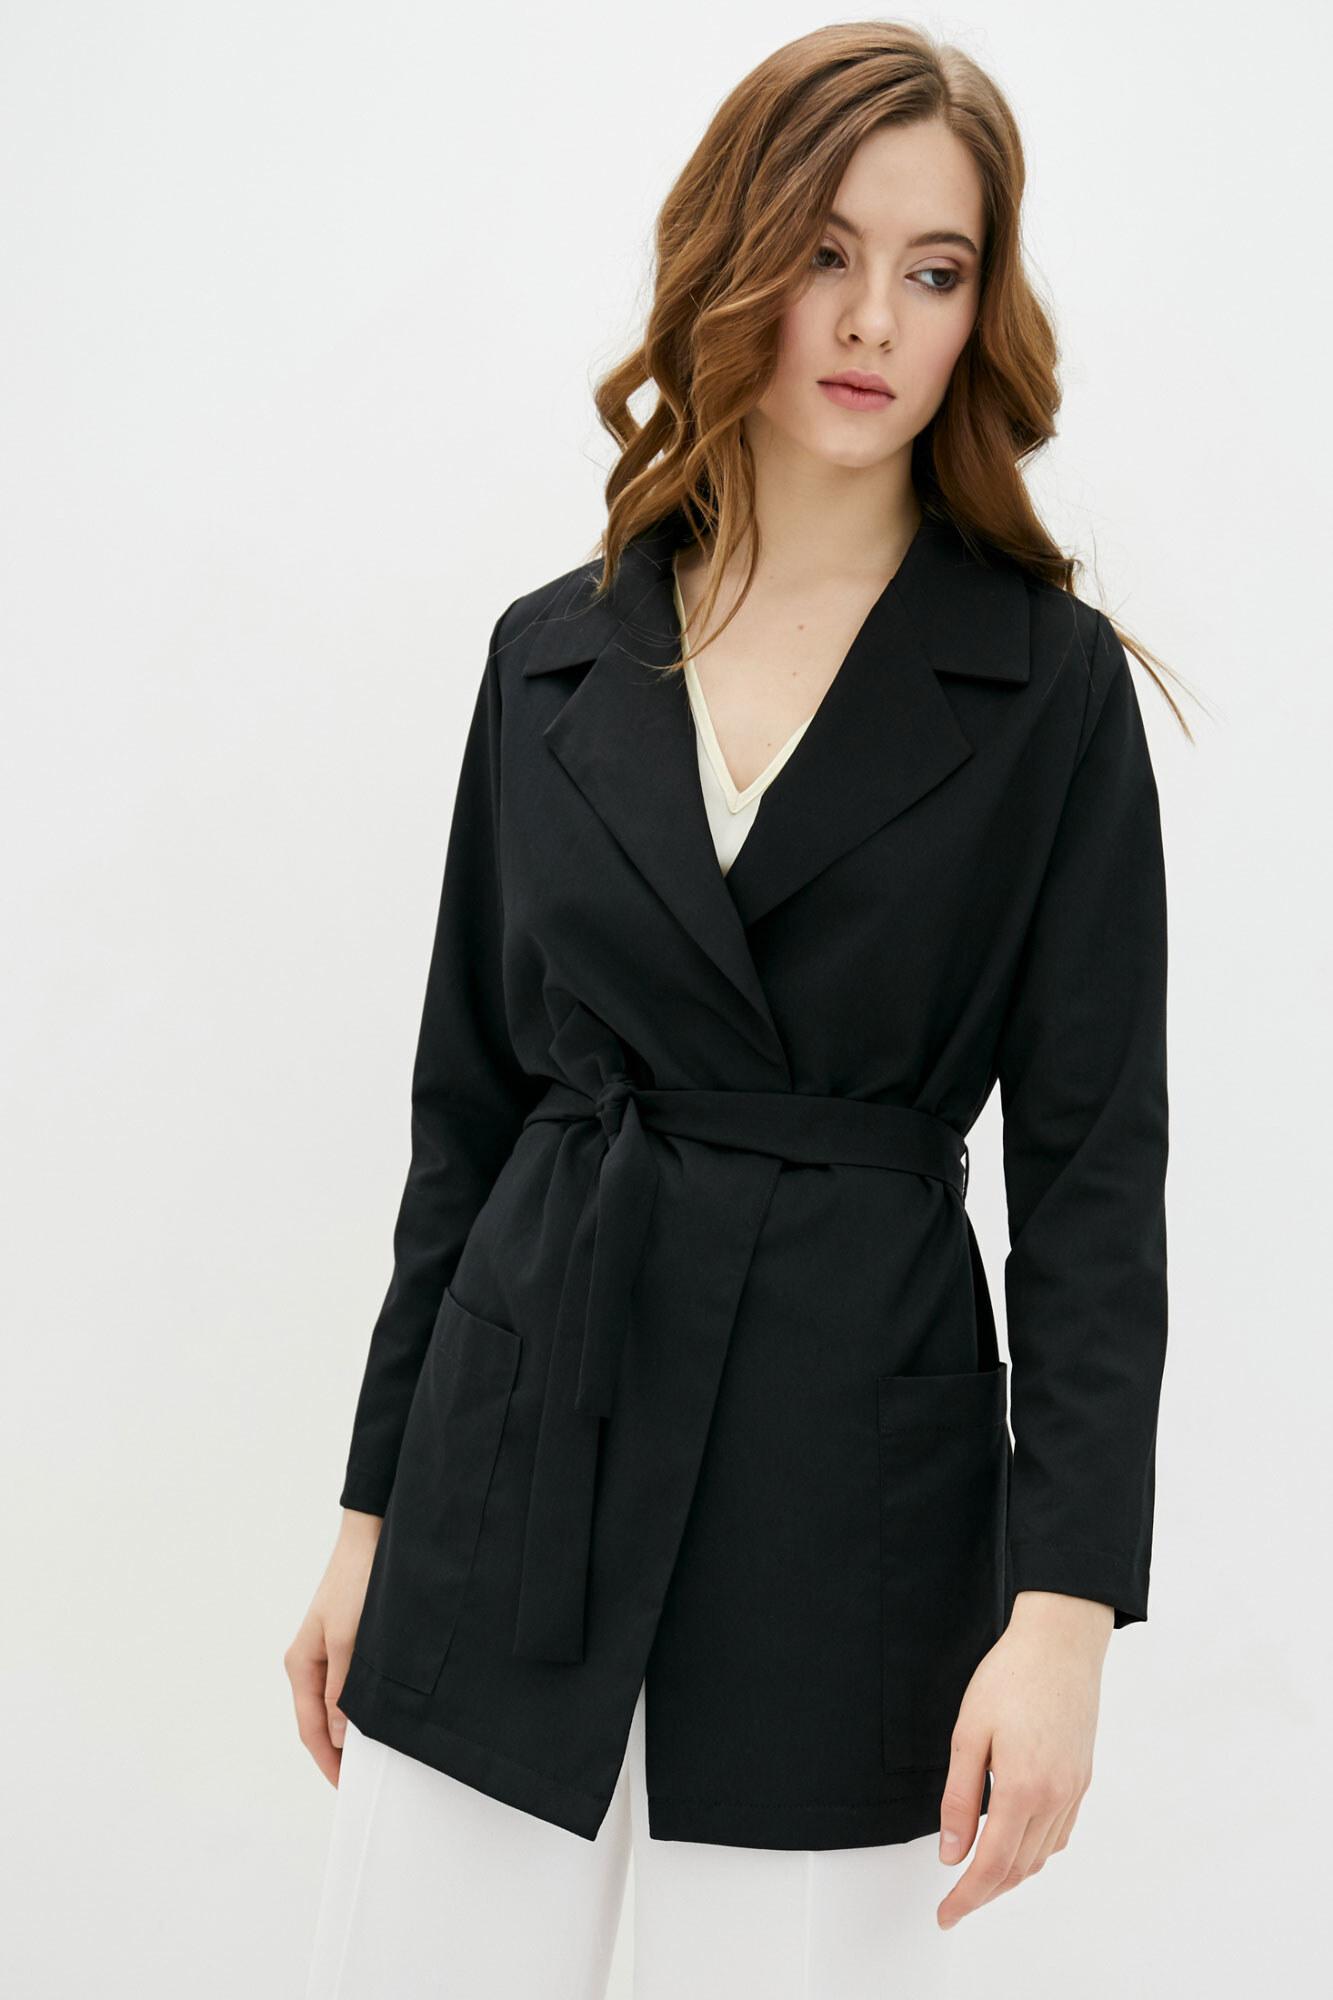 Длинный пиджак без застежек черного цвета GEN